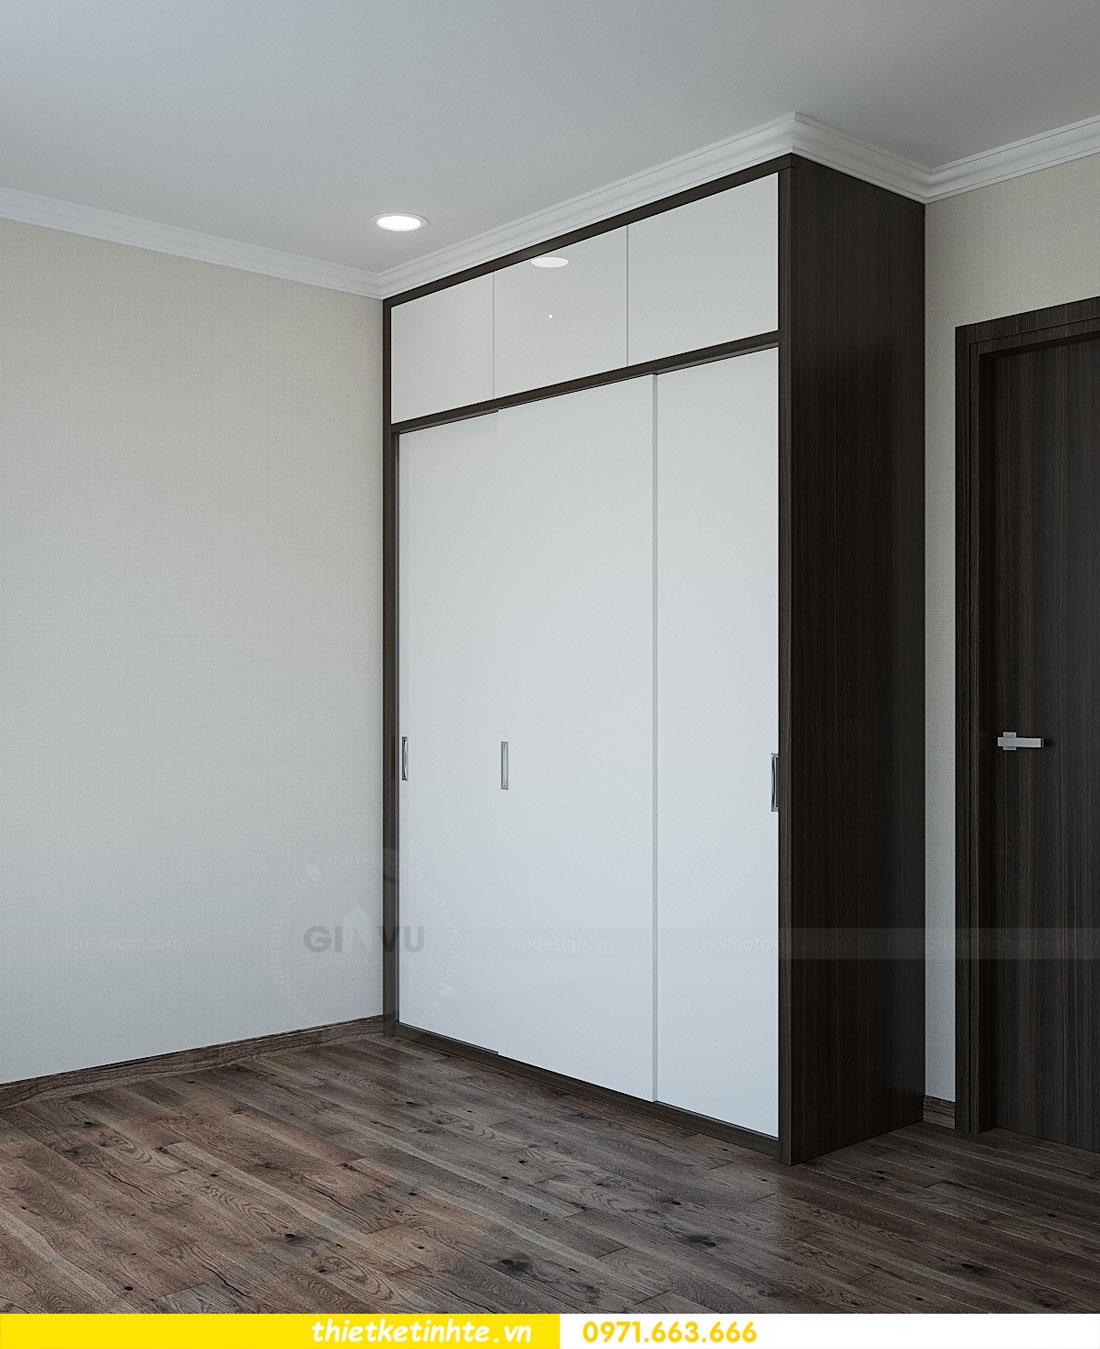 thiết kế thi công nội thất chung cư Park Hill P712 anh Điệp 12